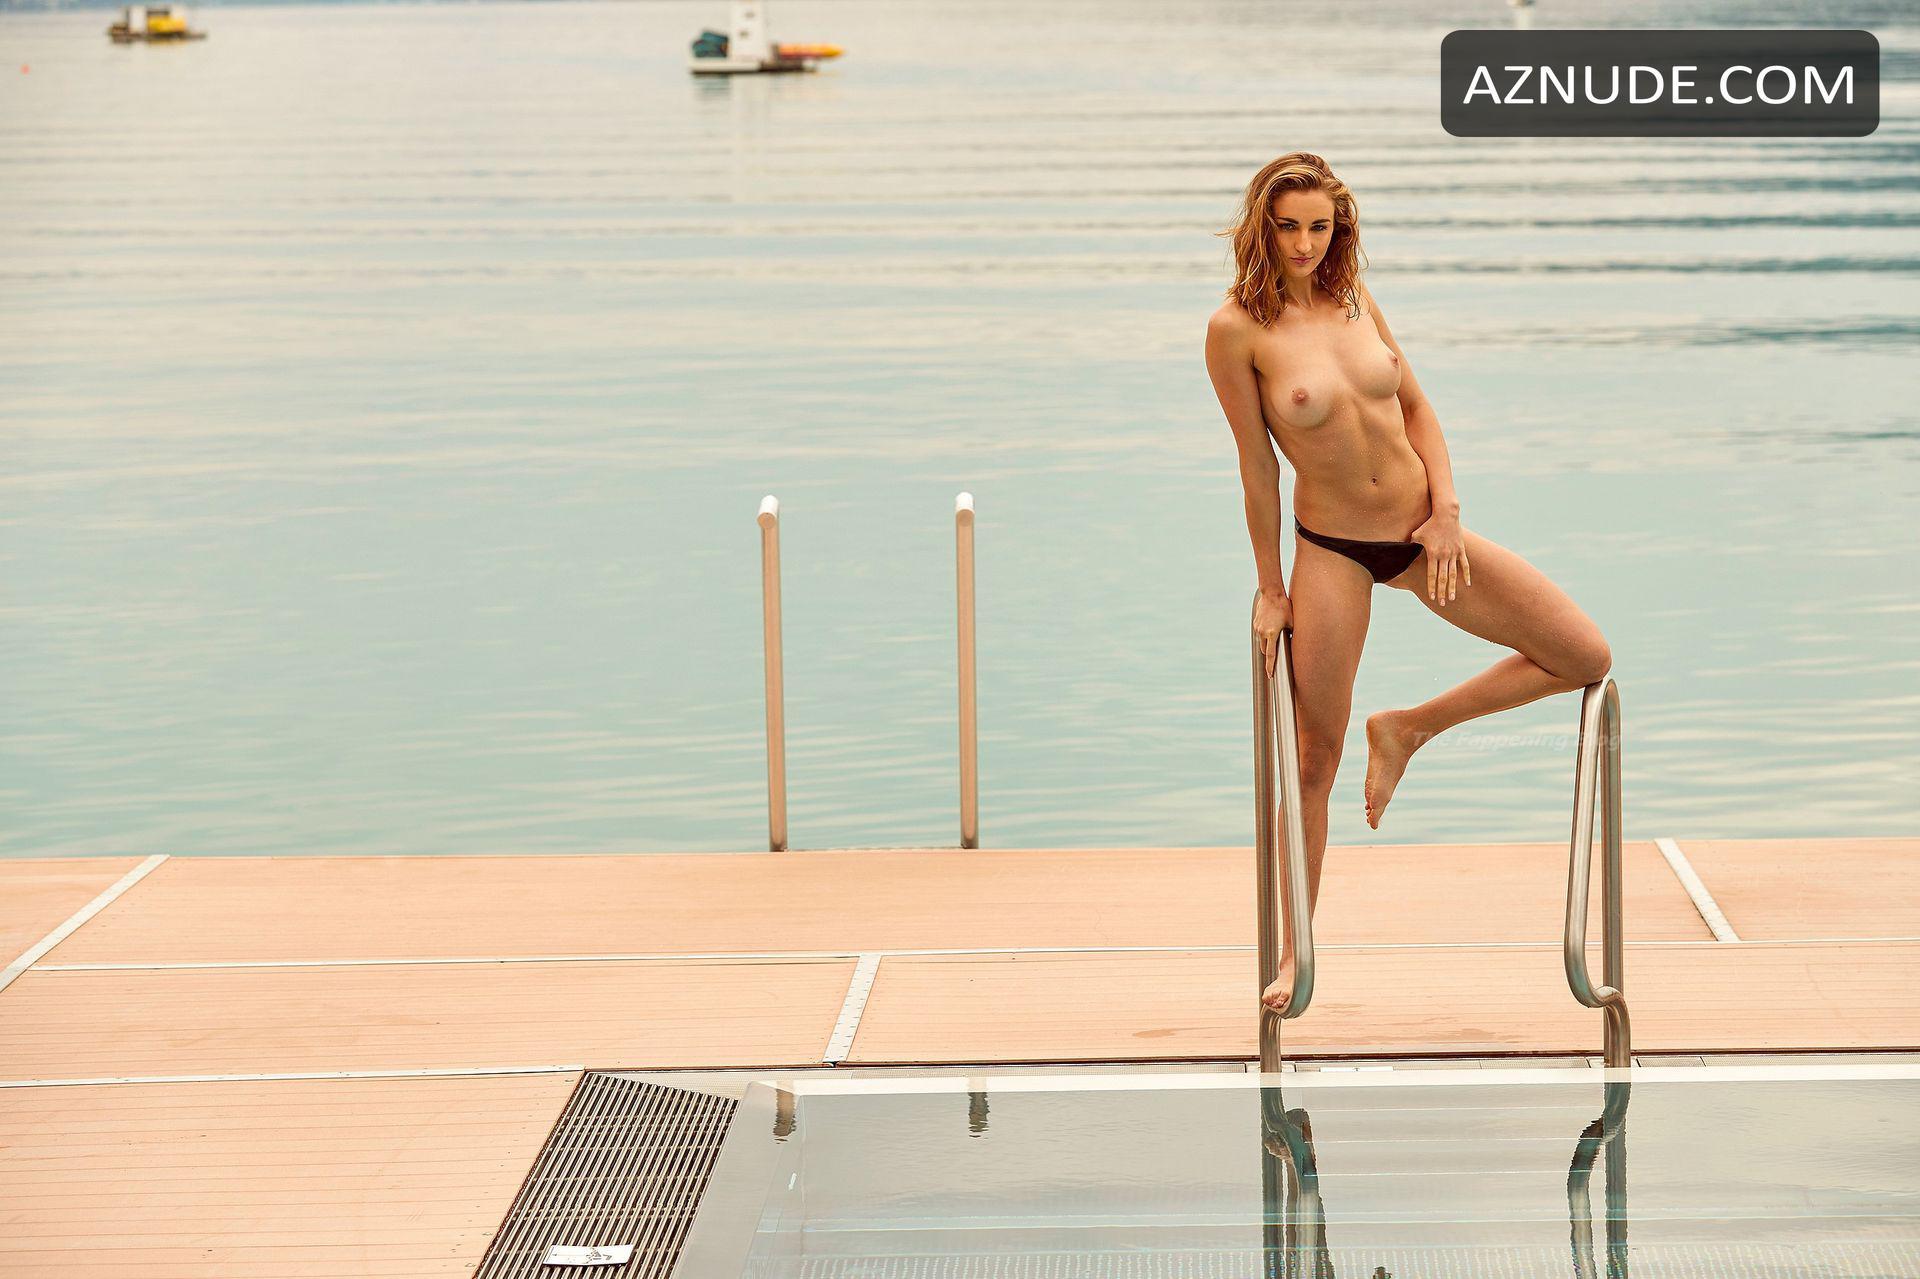 nackt Krawzow Elena Playboy: Swimmer